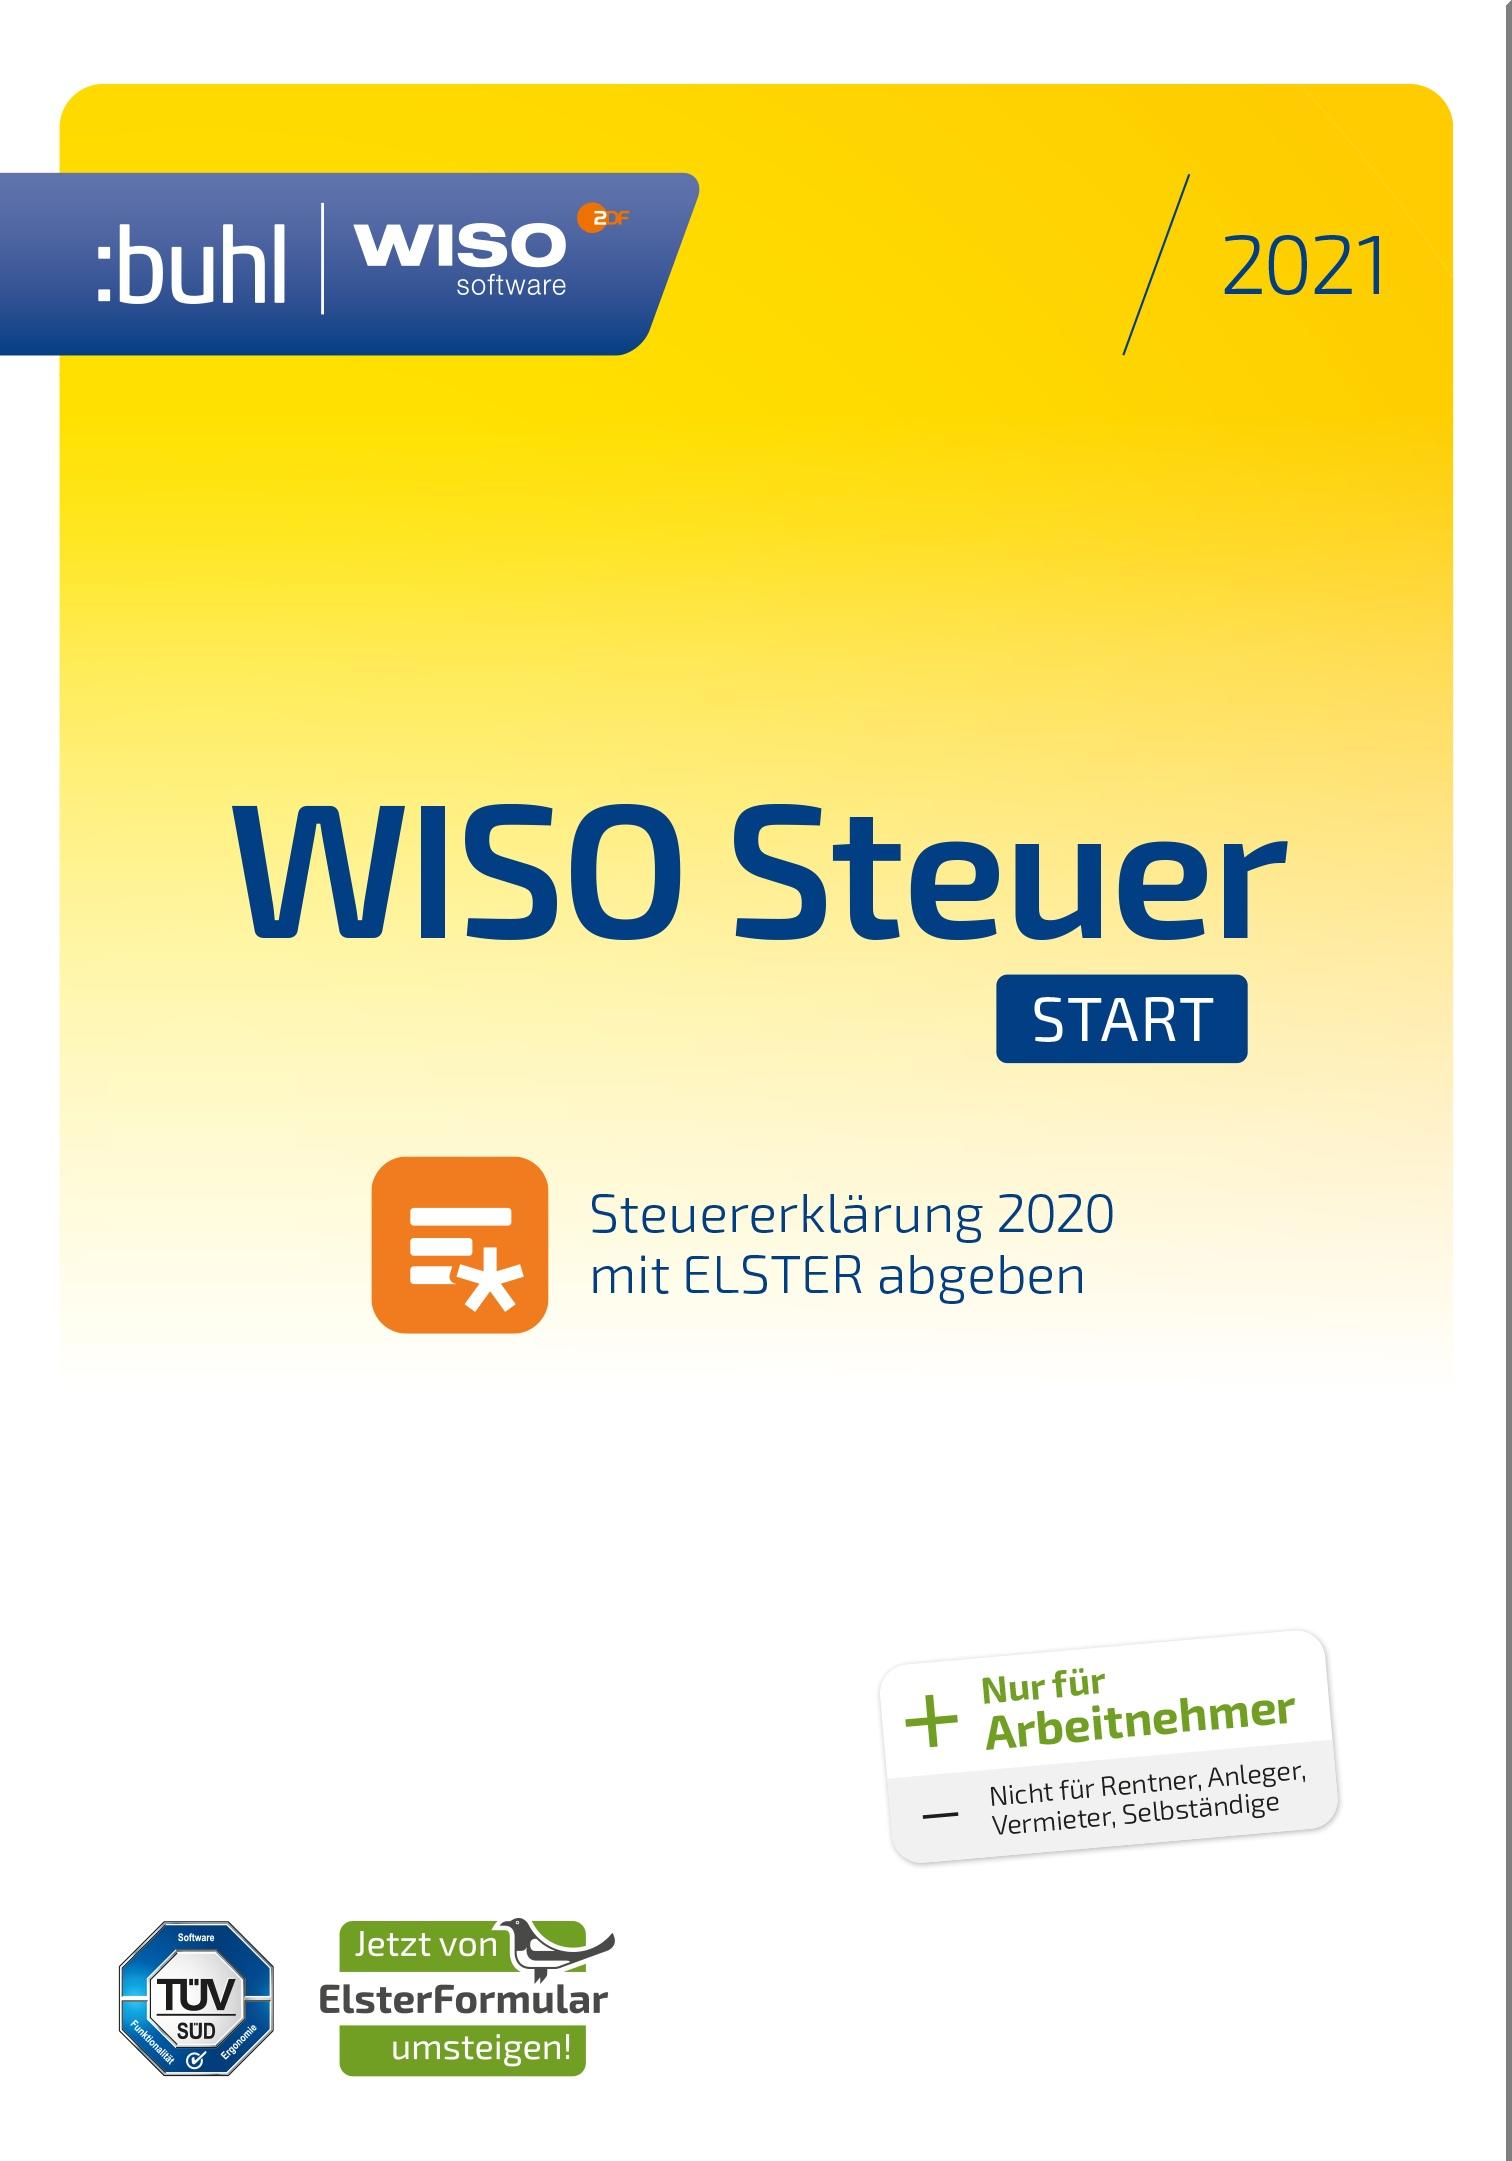 WISO STEUER: START 2021 | Anwendersoftware | Software ...